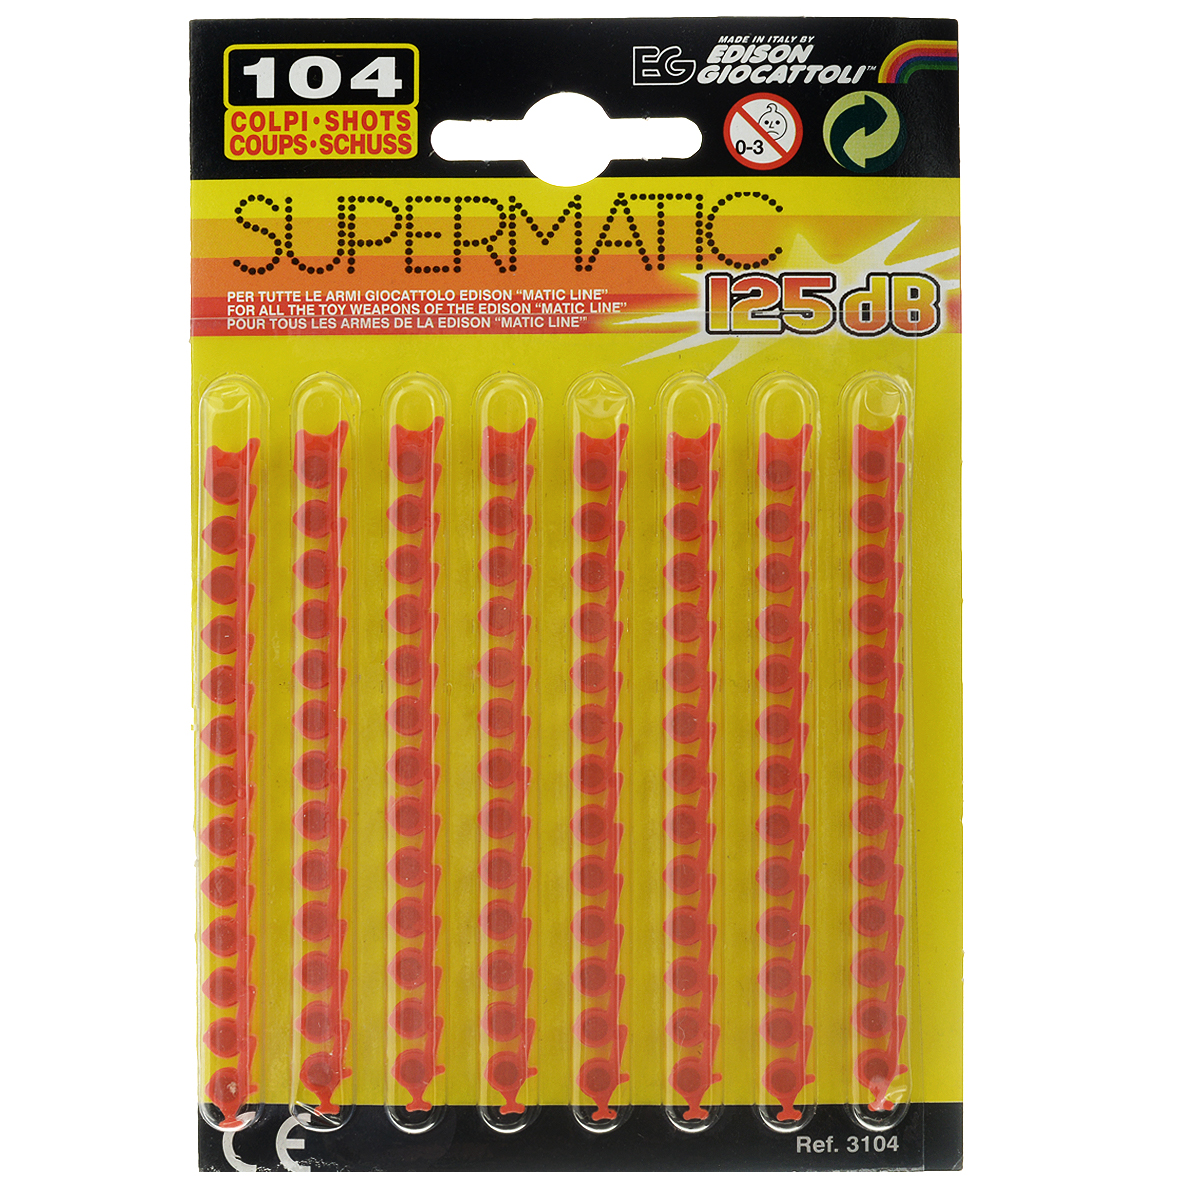 Пистоны Supermatic, 13-зарядные, 104 шт пистоны wicke euro caps 100 зарядные 600 шт